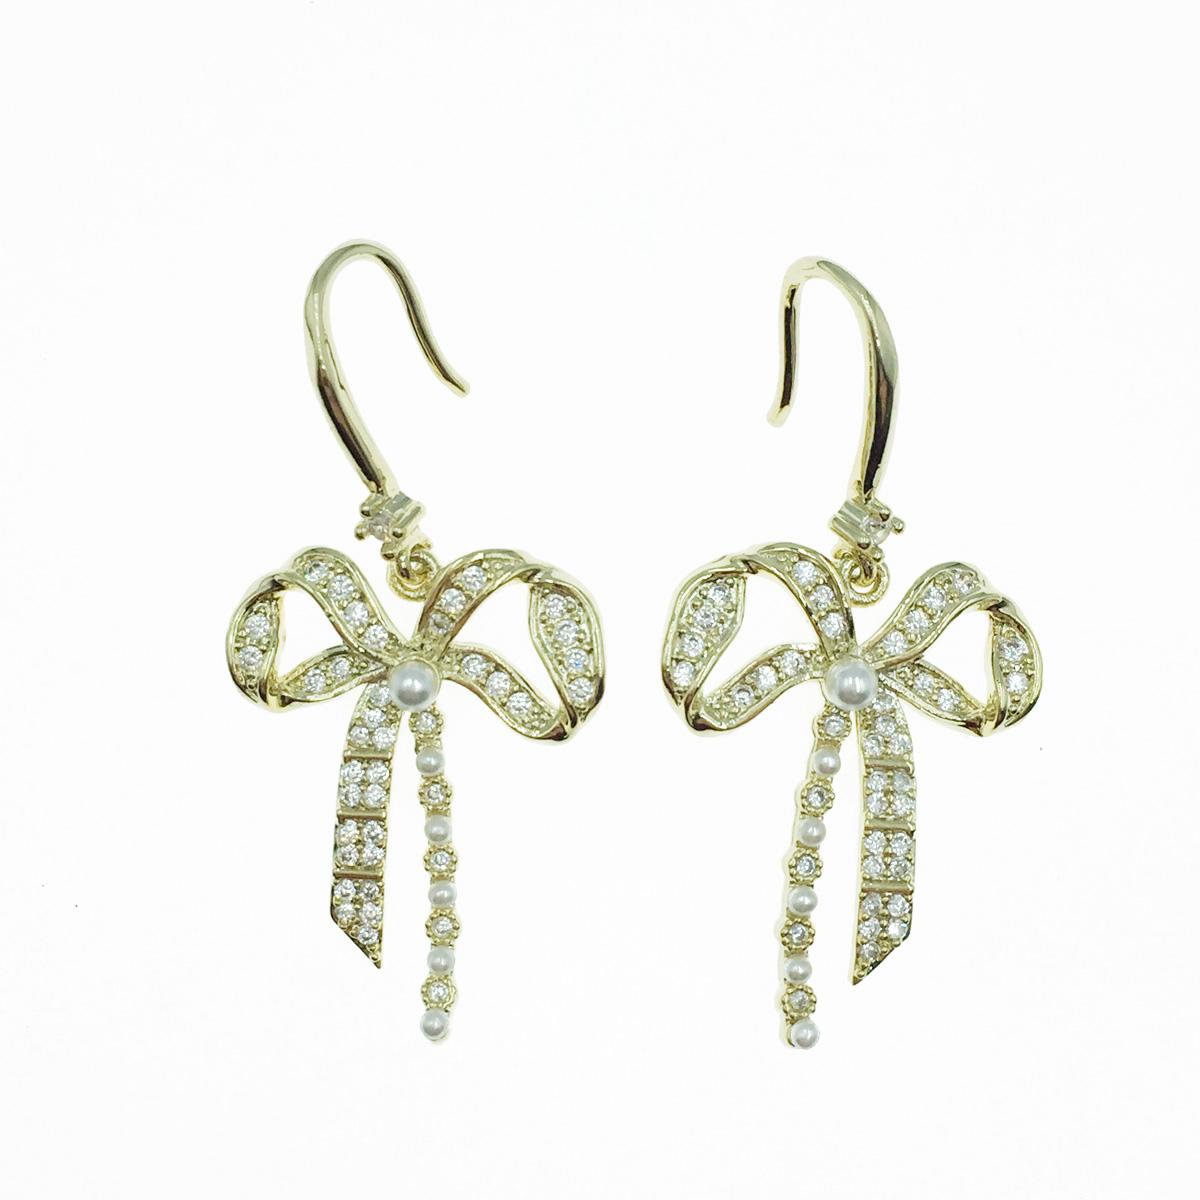 韓國 925純銀 蝴蝶結 水鑽 珍珠 垂墜感 耳勾式耳環